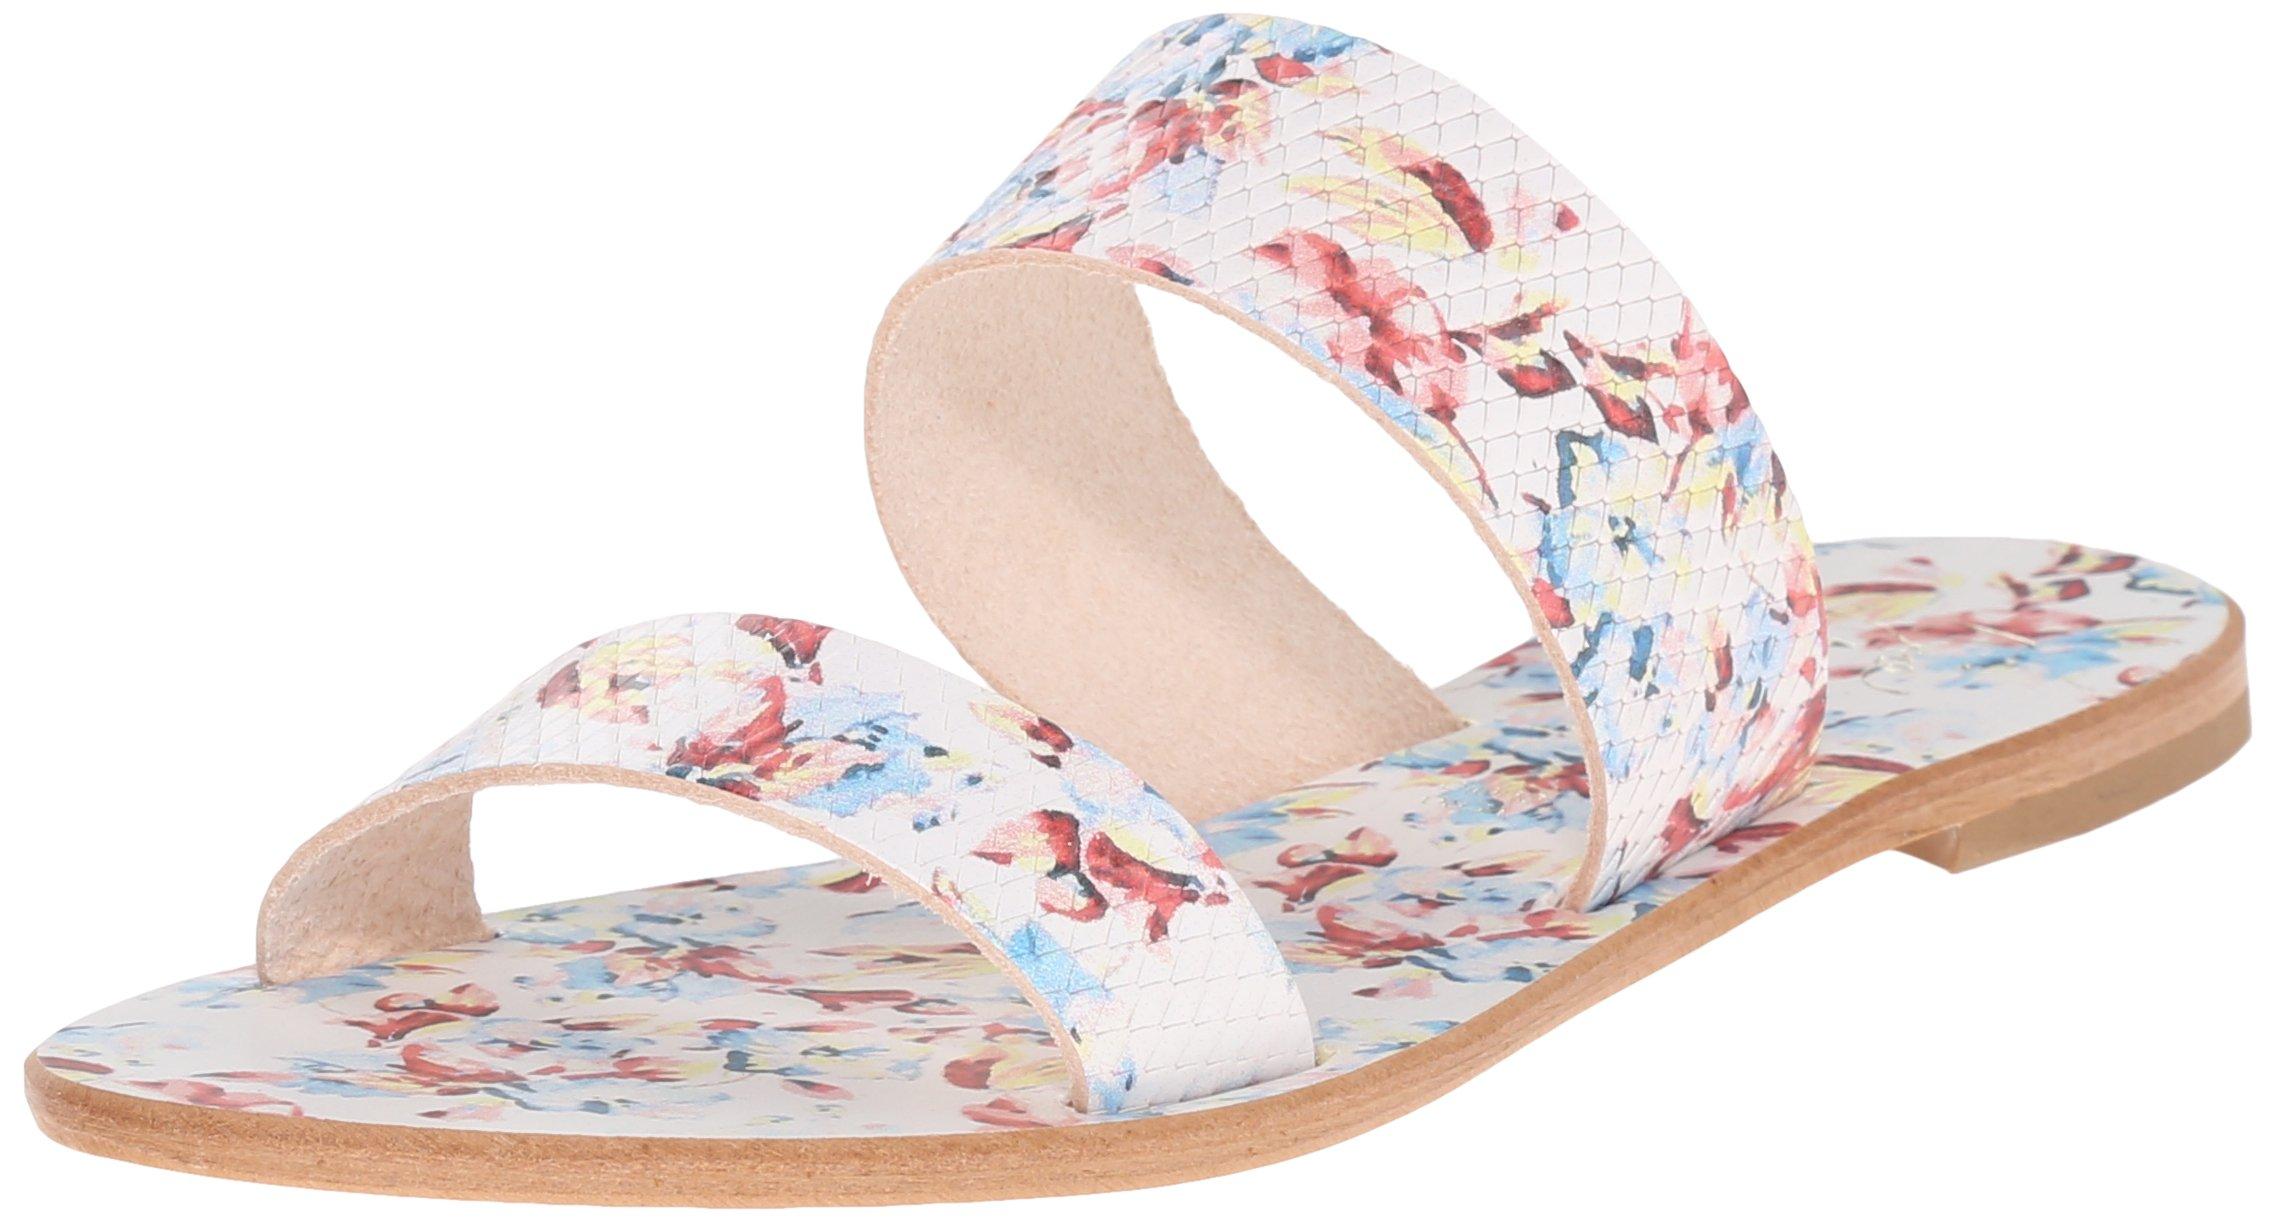 Joie Women's Sable Slide Sandal, Floral White, 37 EU/7 M US